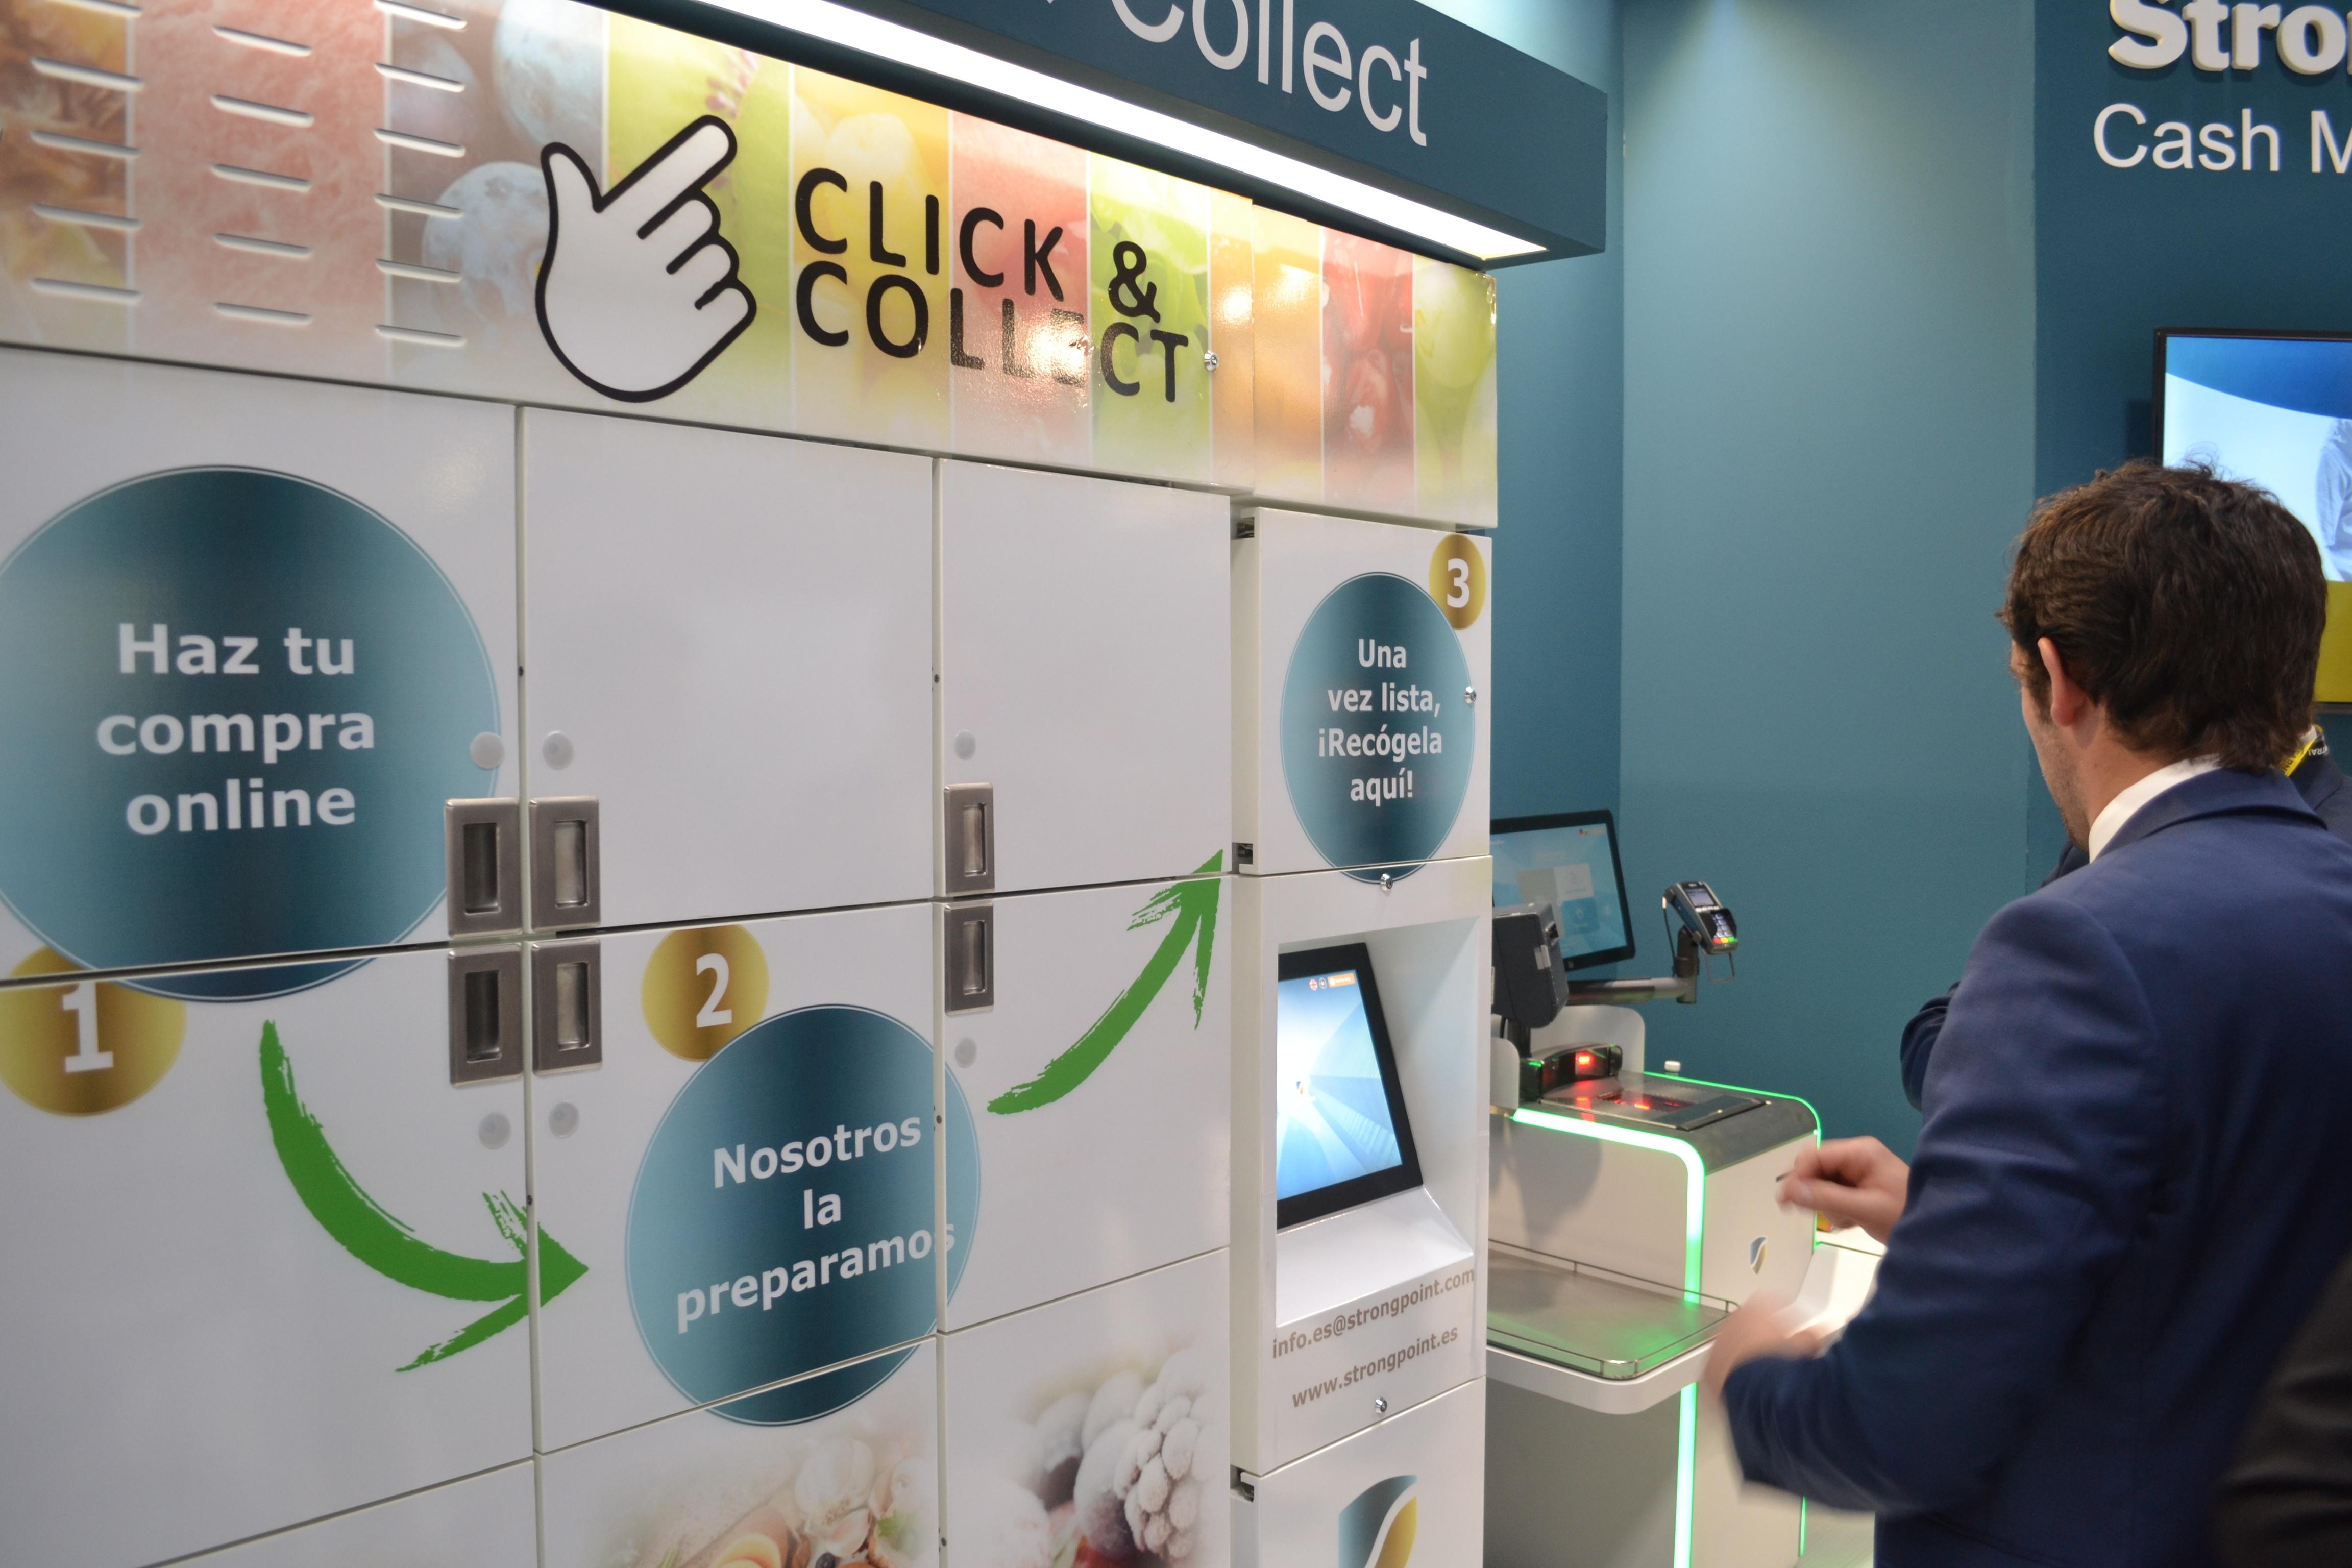 Click & Collect: El presente de las compras online de alimentos